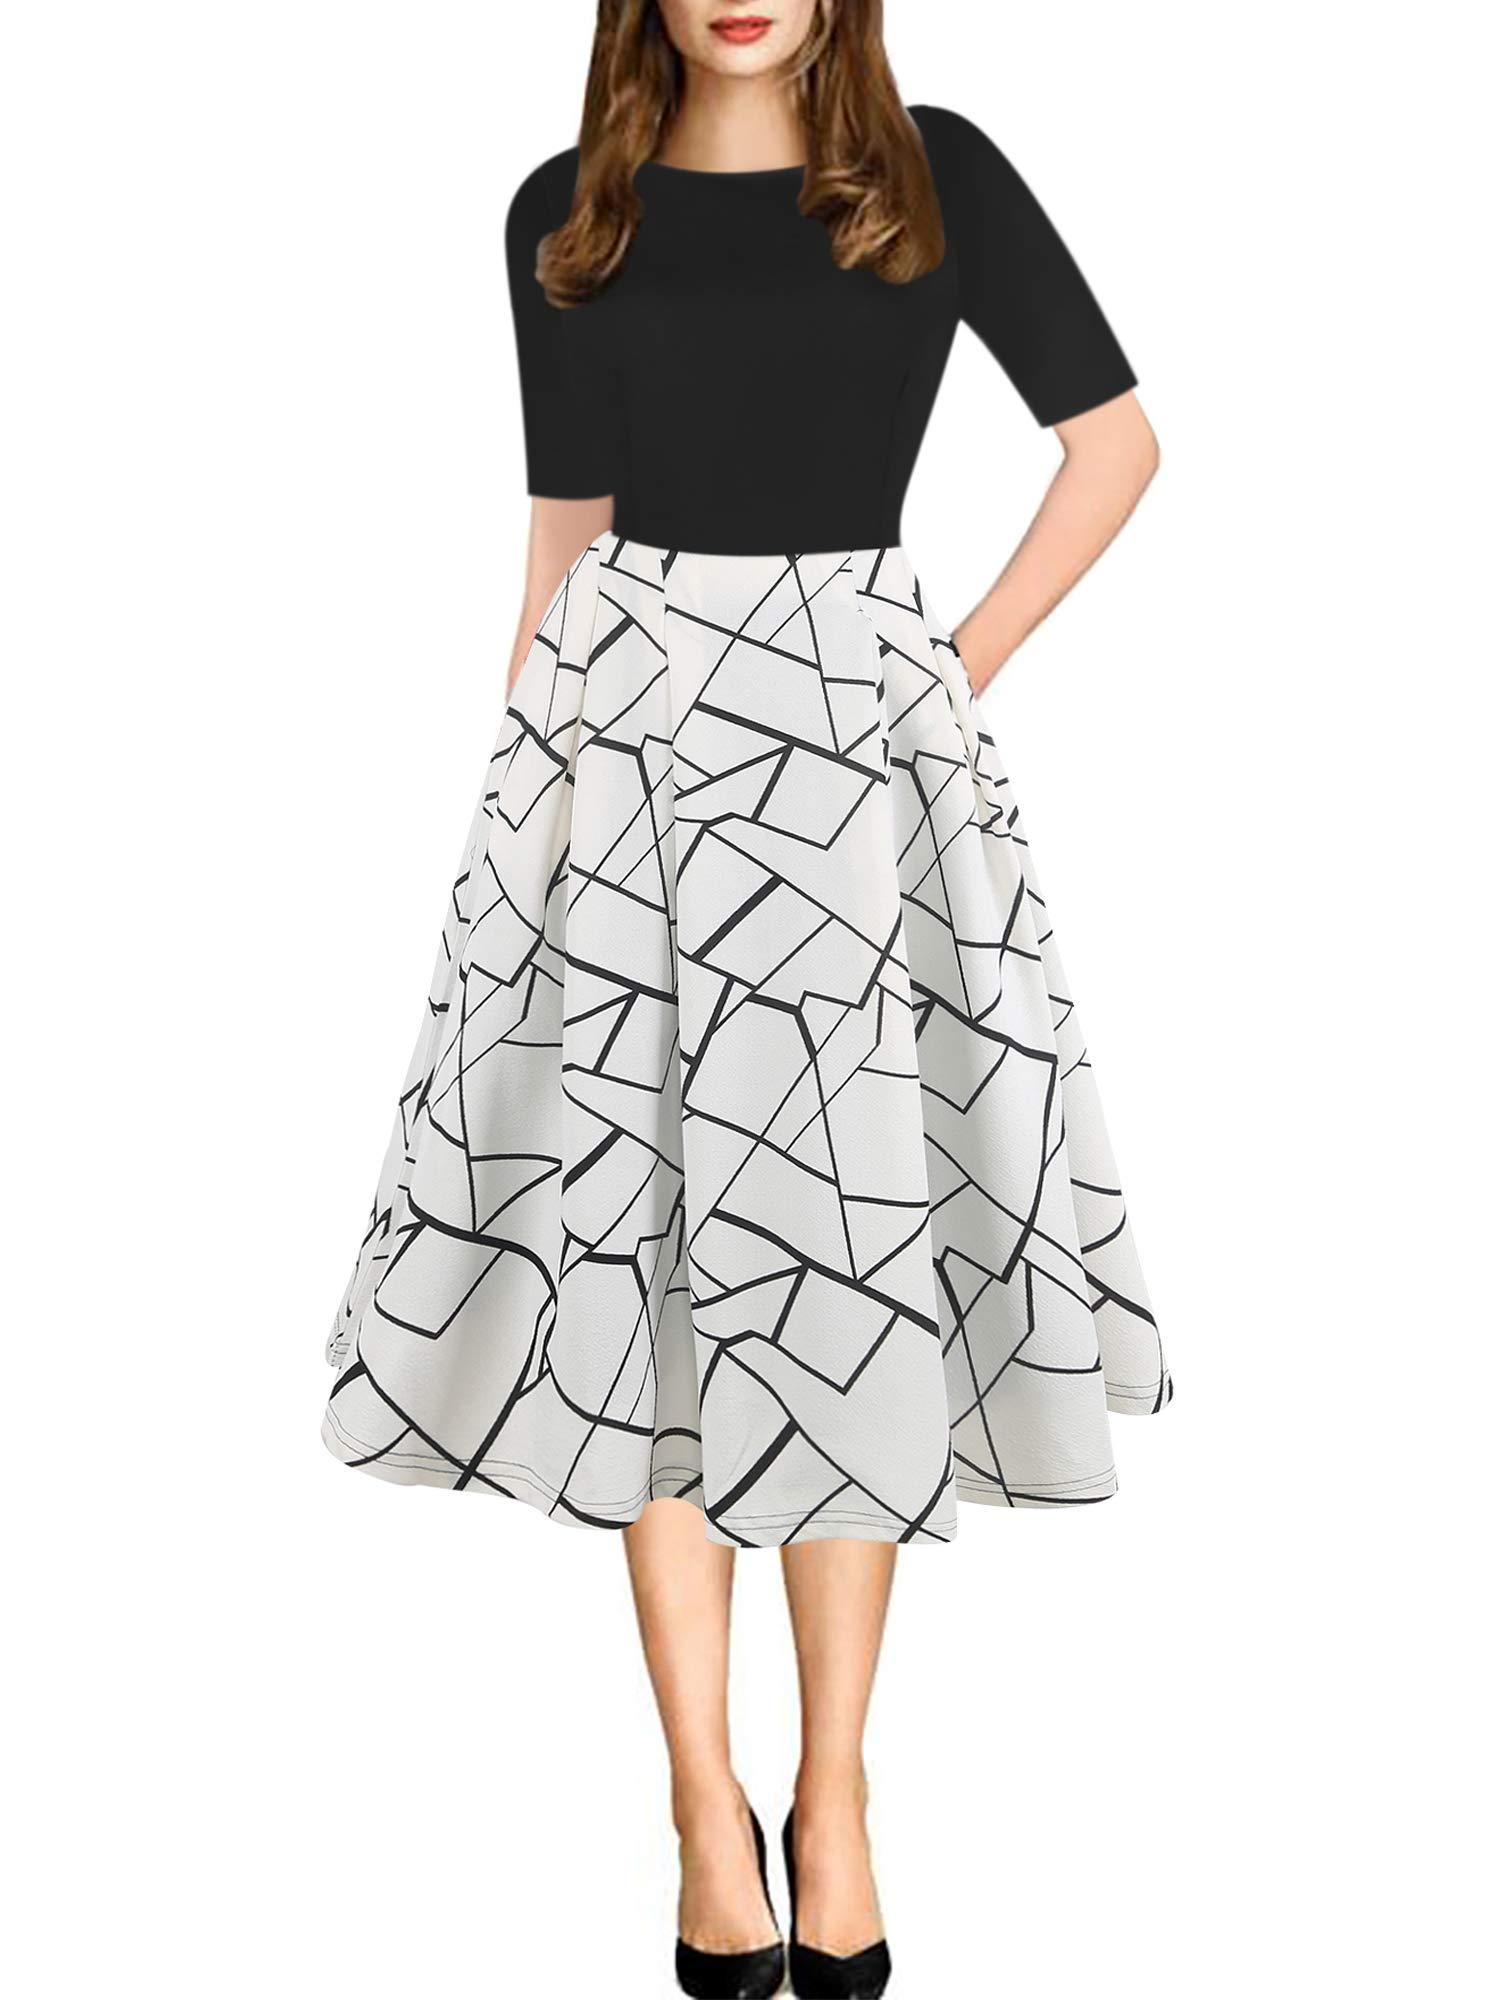 oxiuly 女式复古拼接口袋蓬蓬裙摆休闲派对连衣裙 ox165